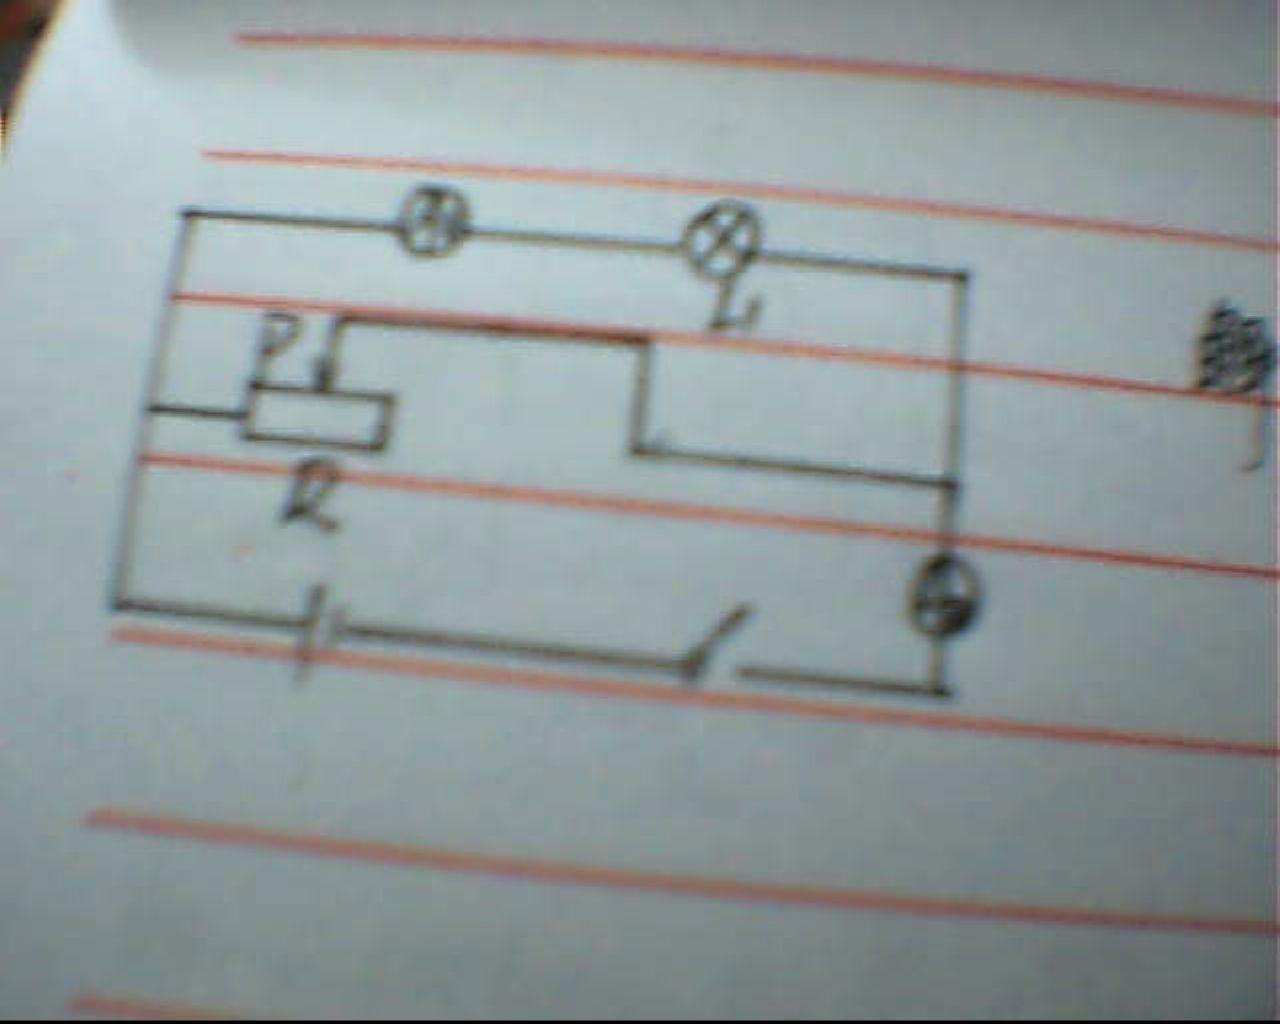 如图所示,灯泡L1的电阻是12欧姆,变阻器R标有 20欧姆 2A ...